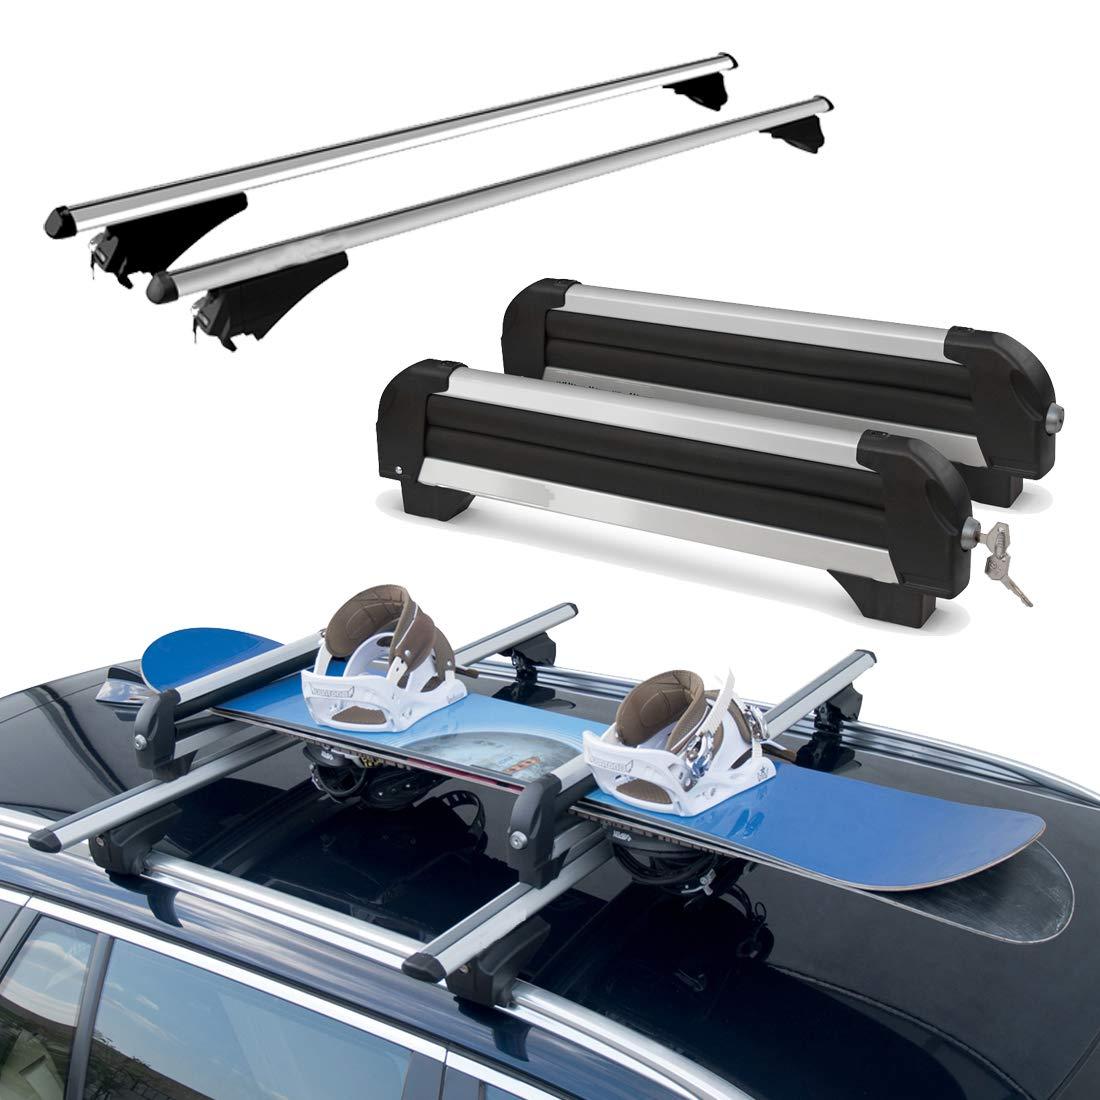 Dachtr/äger f/ür Fahrzeuge mit Rails integrierte mit Skitr/äger 4 Paar Tiger XL Dachtr/äger Aluminium